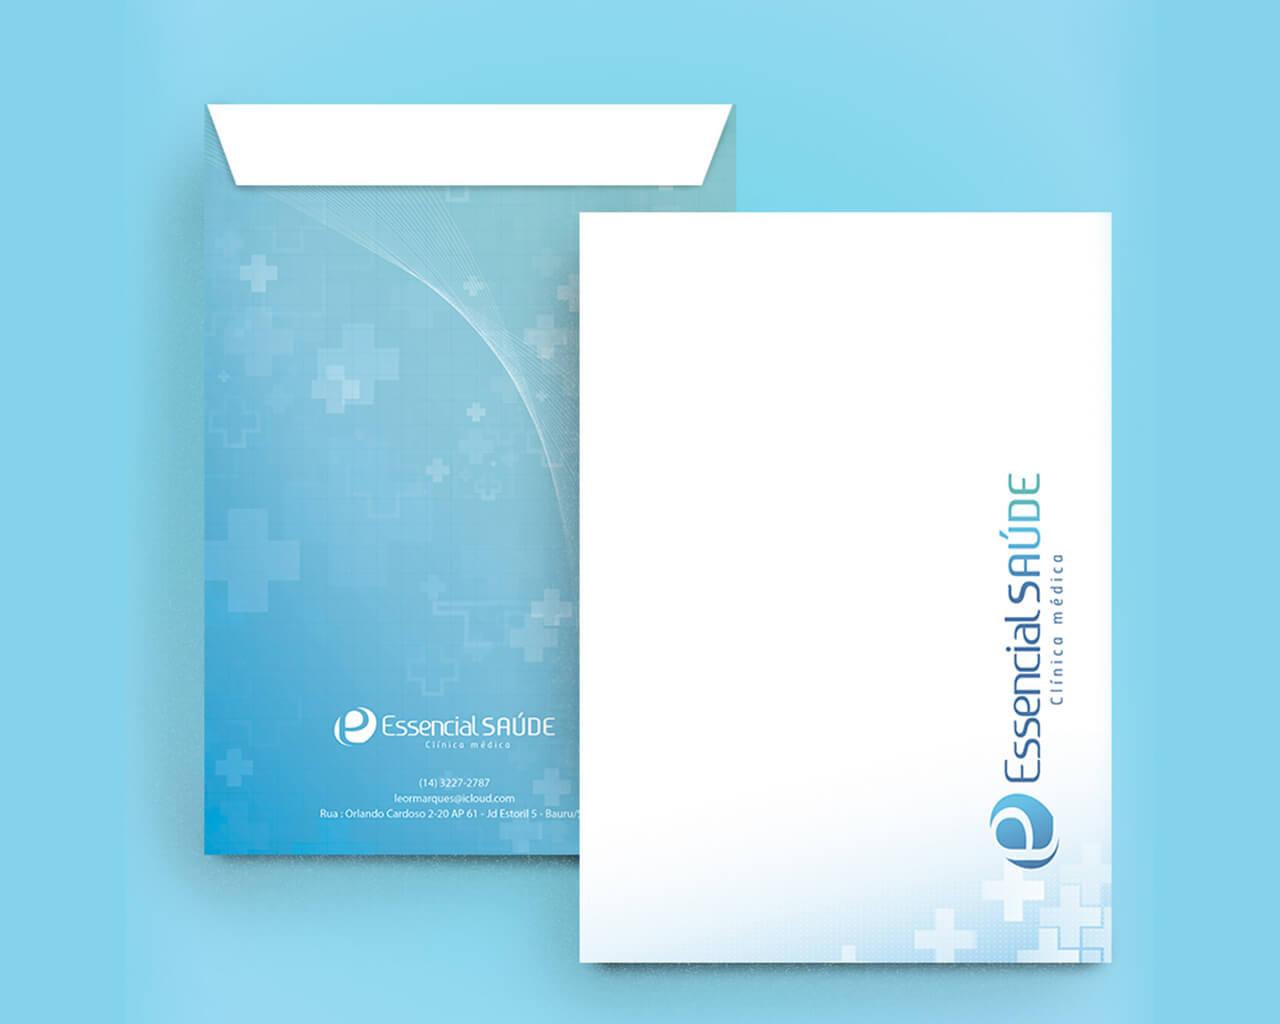 Portfolio Identidade Visual Essencial Saúde